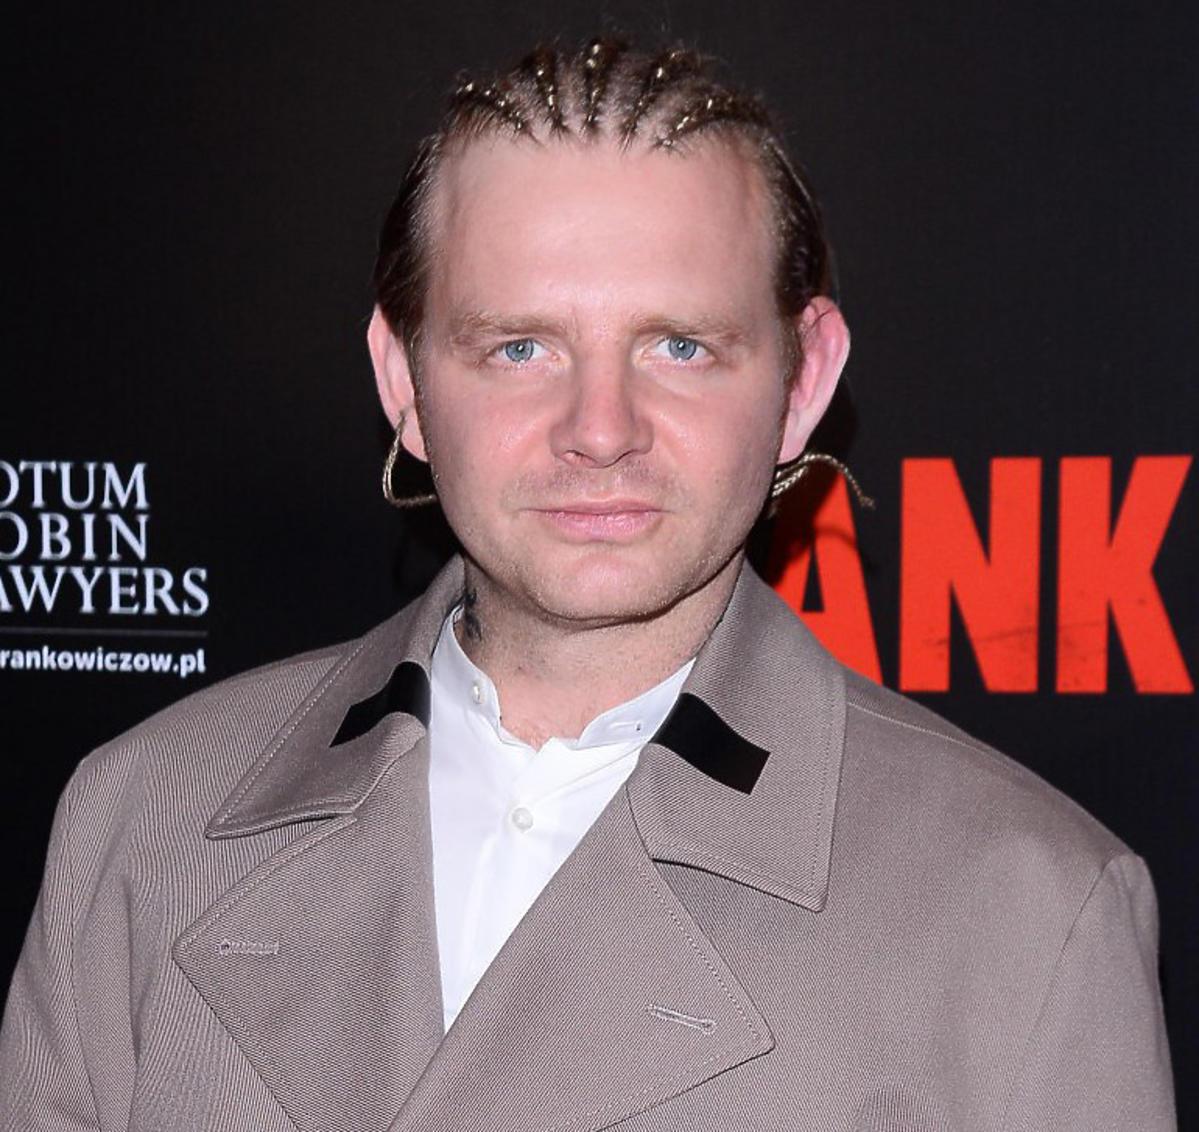 Rafał Zawierucha na premierze filmu